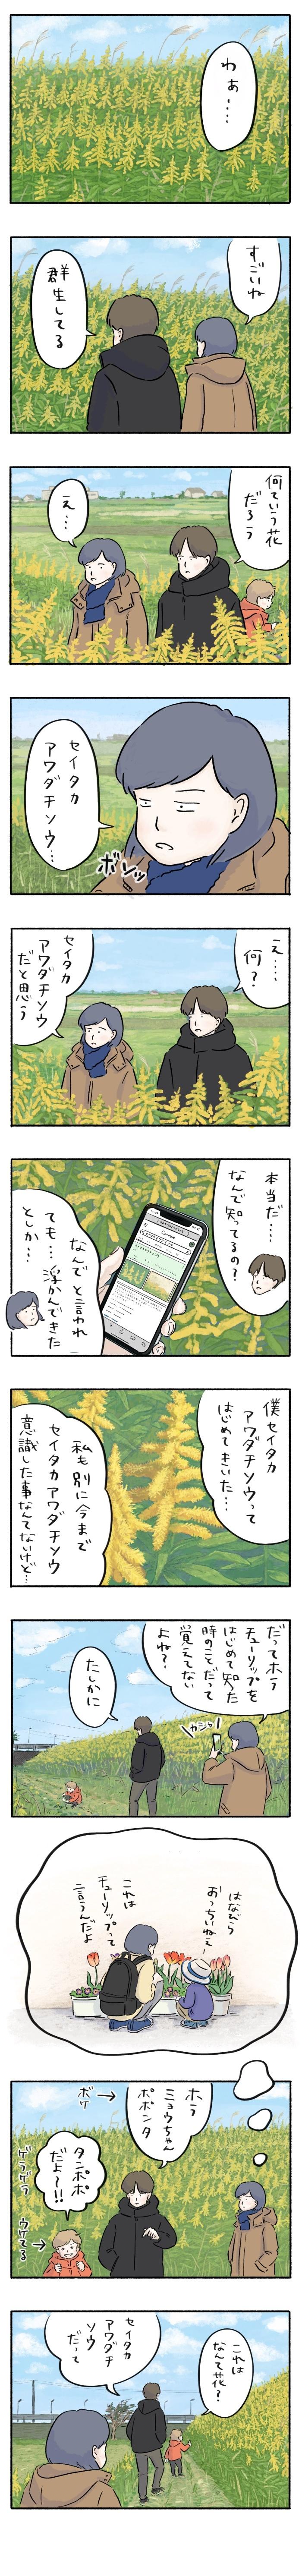 「あ、この野草の名前知ってる」幼い頃の記憶は、心に淡々と刻まれるの画像1